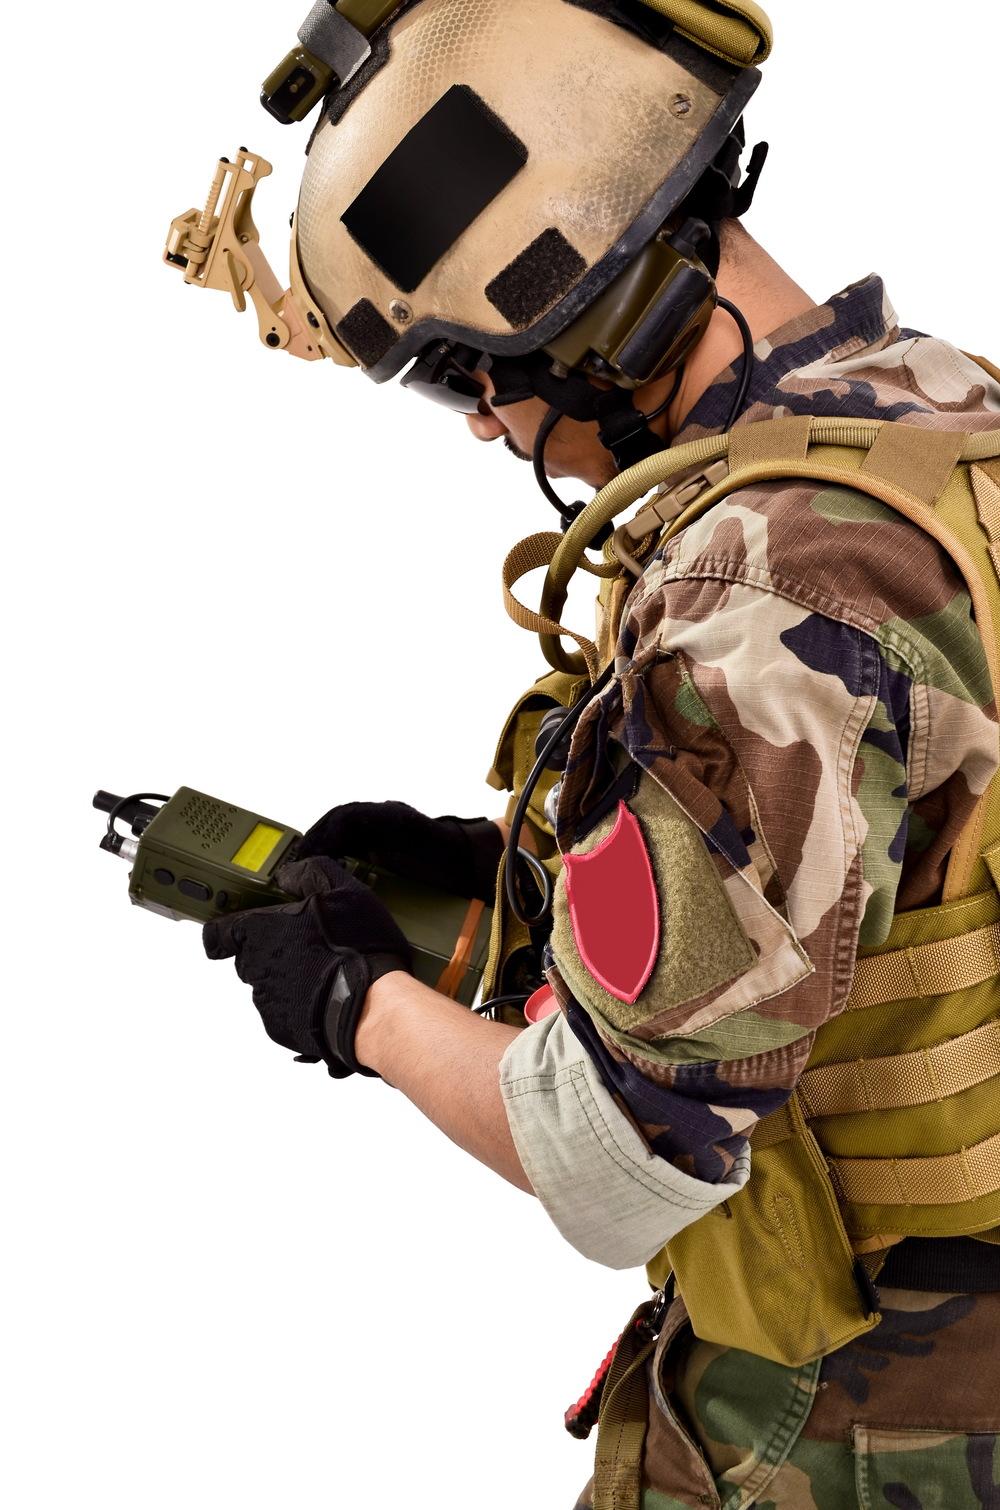 Militarymainpic .jpg